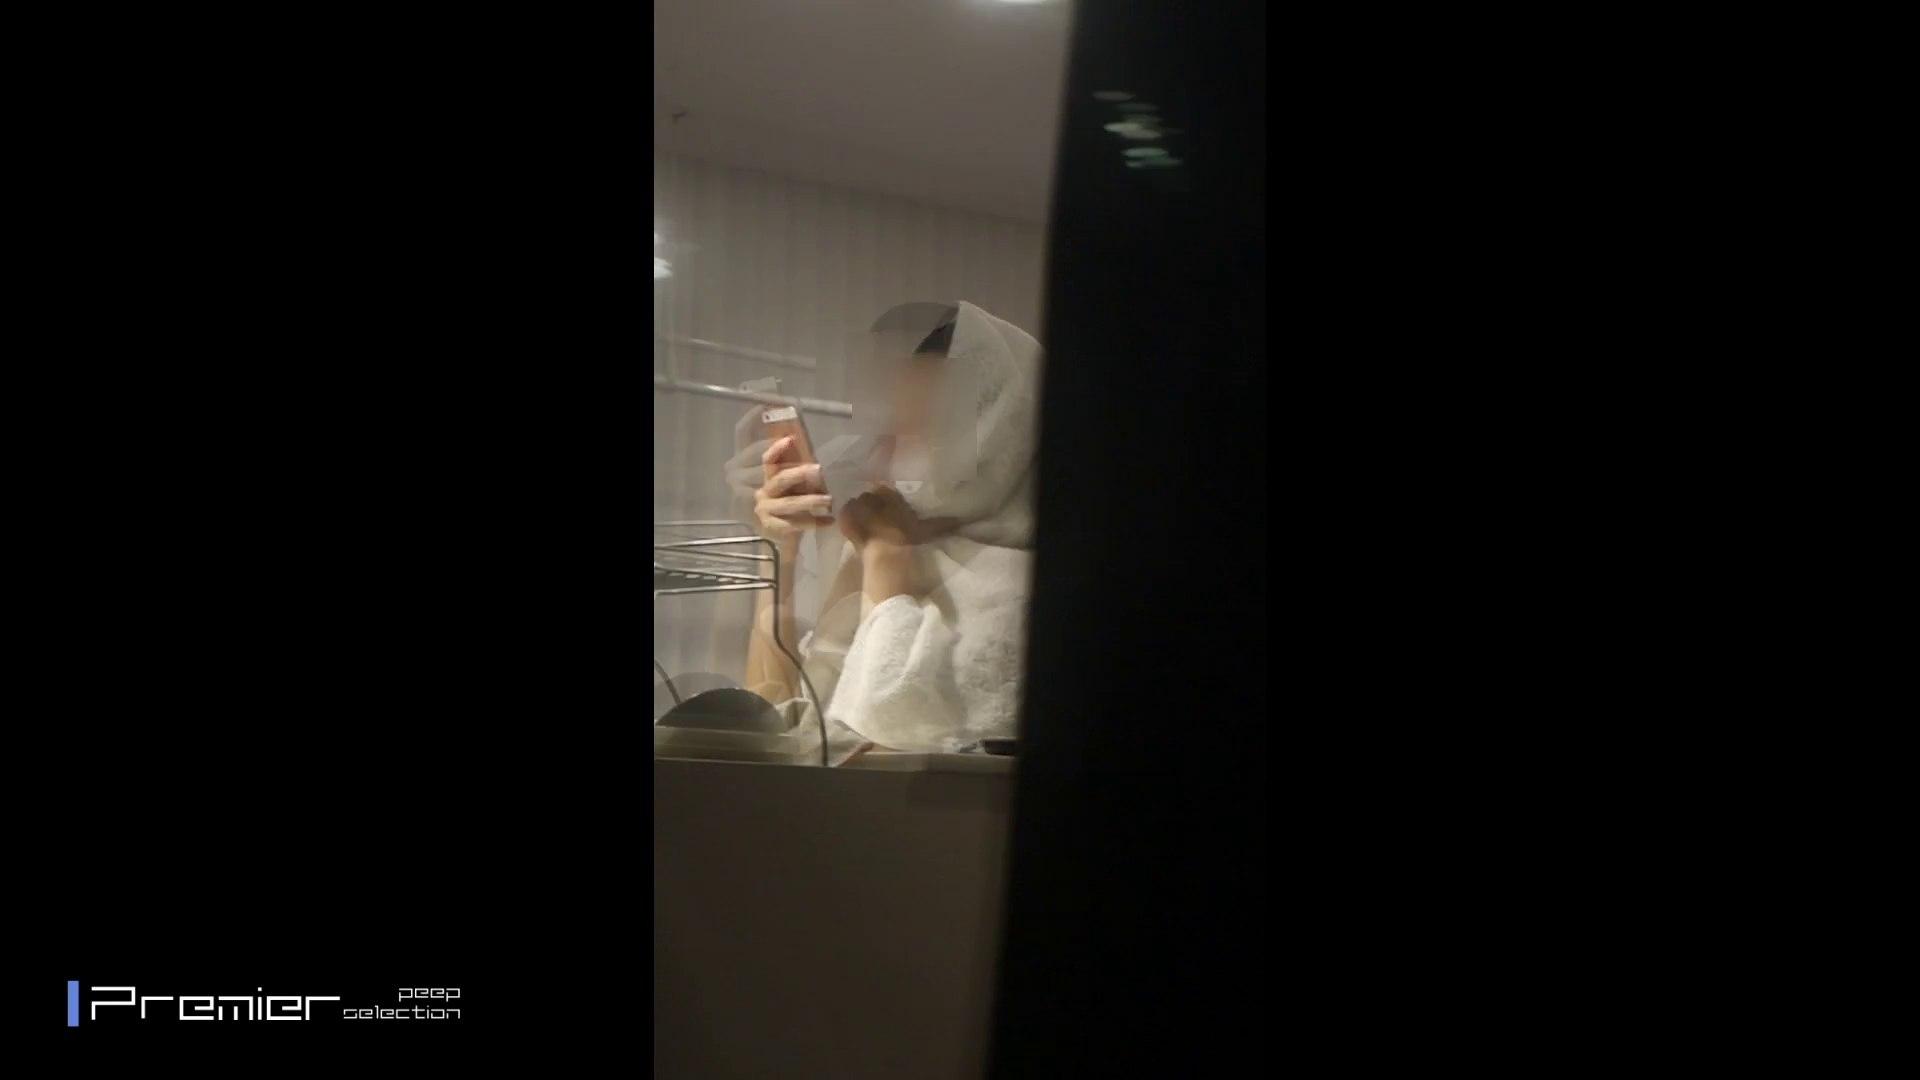 盗撮AV:美女たちの日常を観察 美女達の私生活に潜入!:怪盗ジョーカー